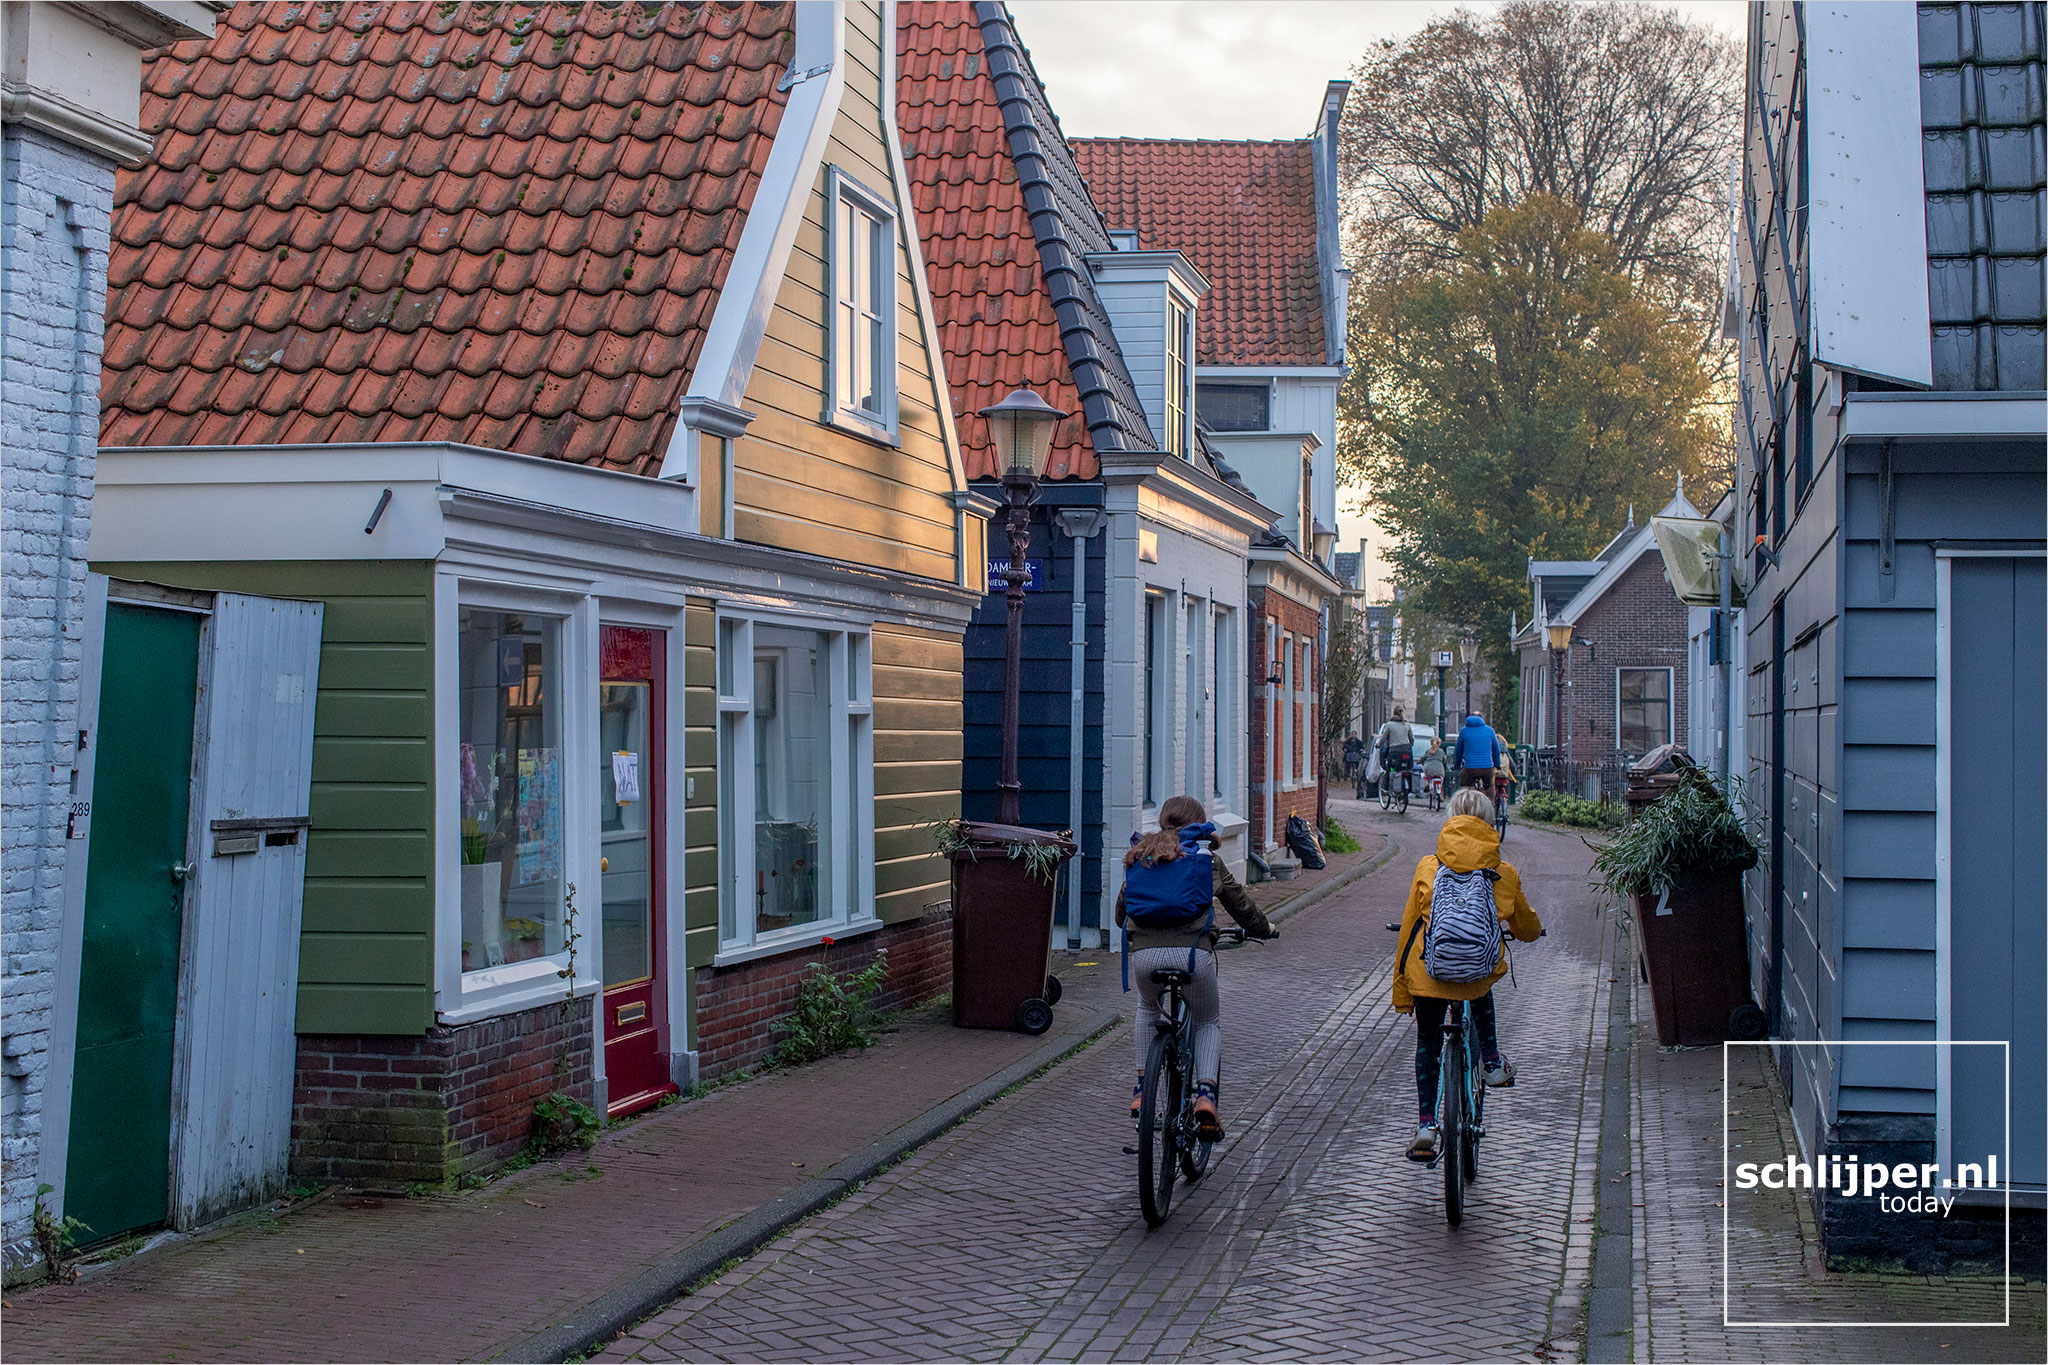 Nederland, Amsterdam, 10 november 2020